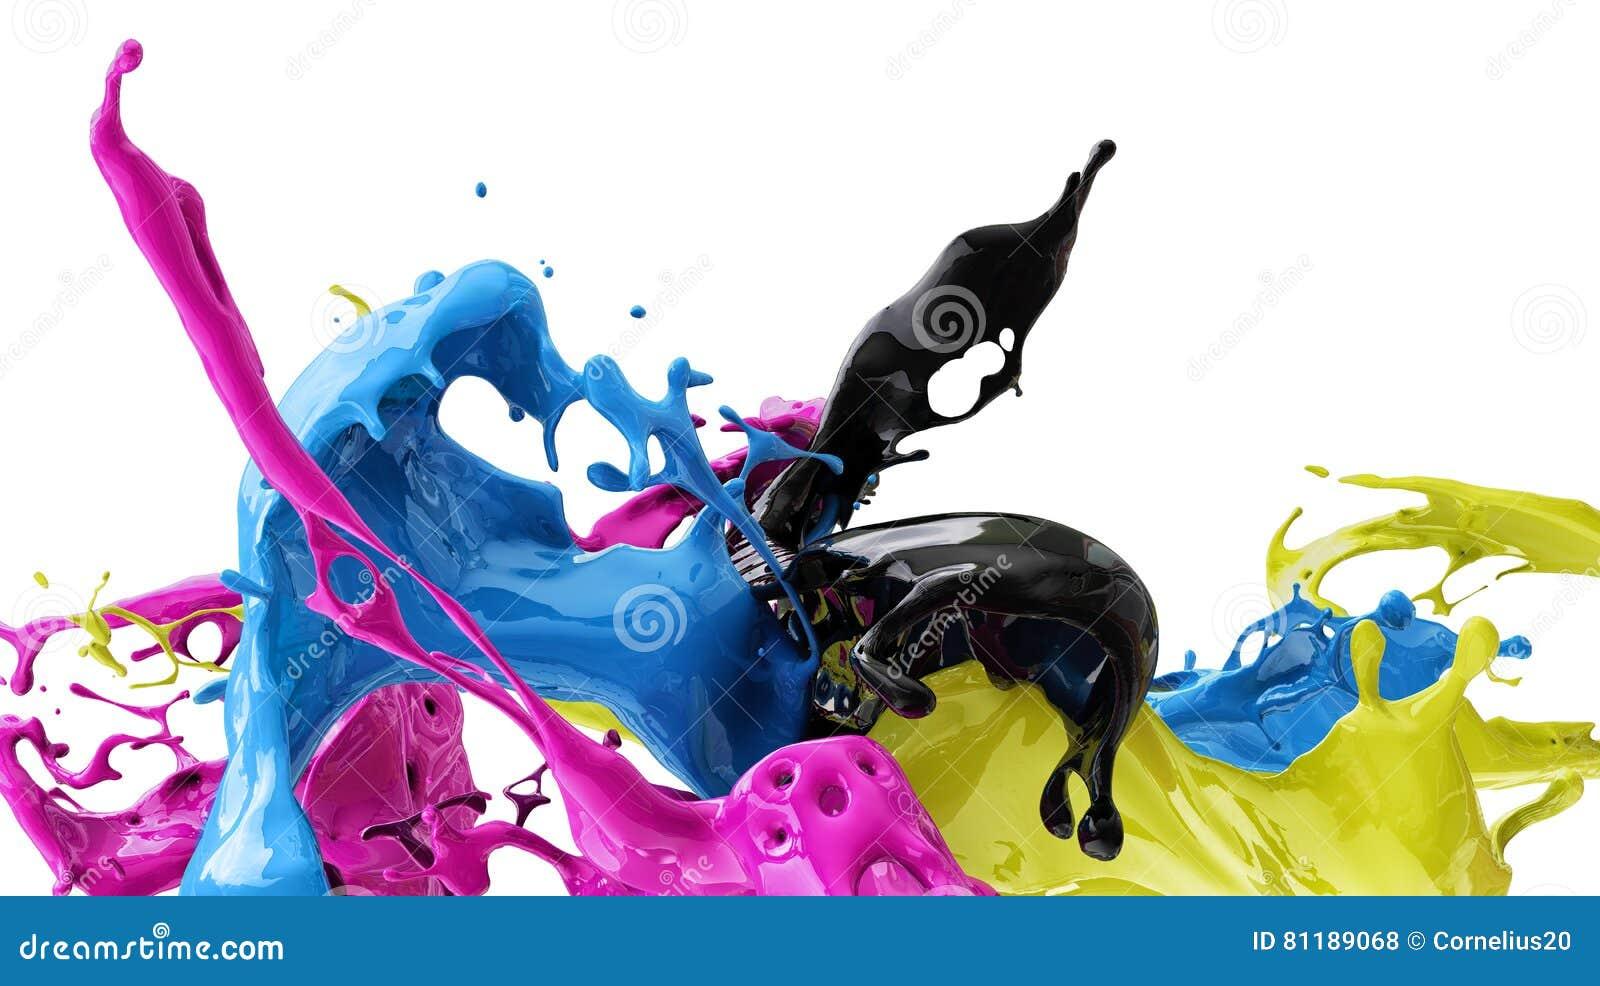 Colors cmyk